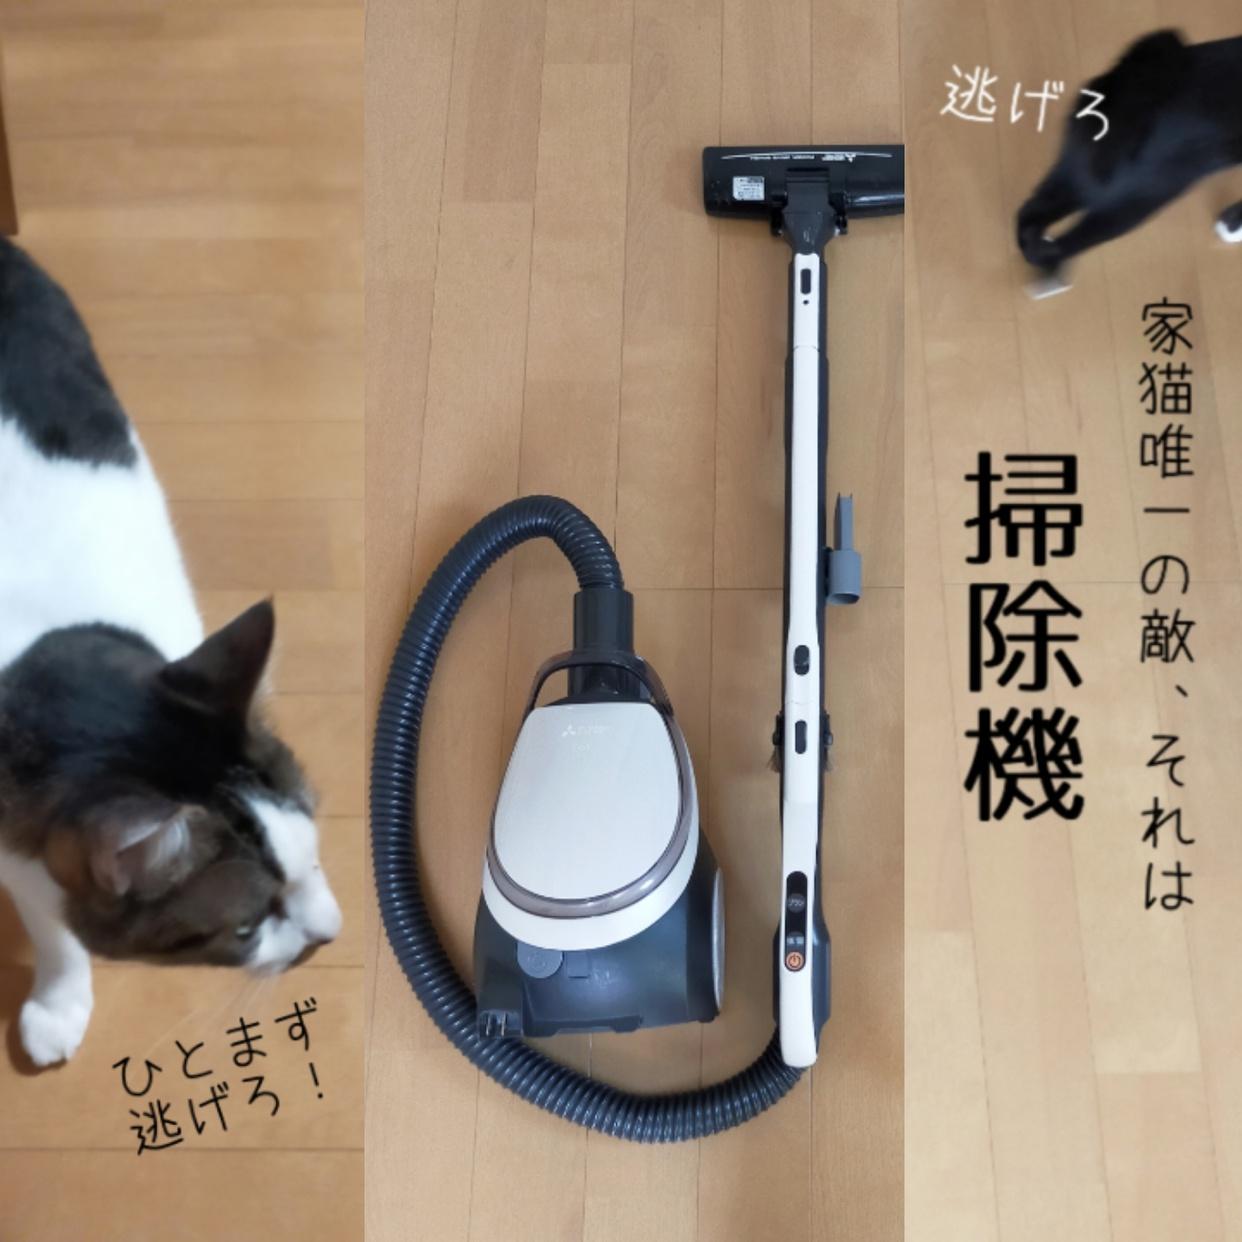 三菱電機(MITSUBISHI ELECTRIC)掃除機 TC-GXG7Pを使ったねこちえさんのクチコミ画像1